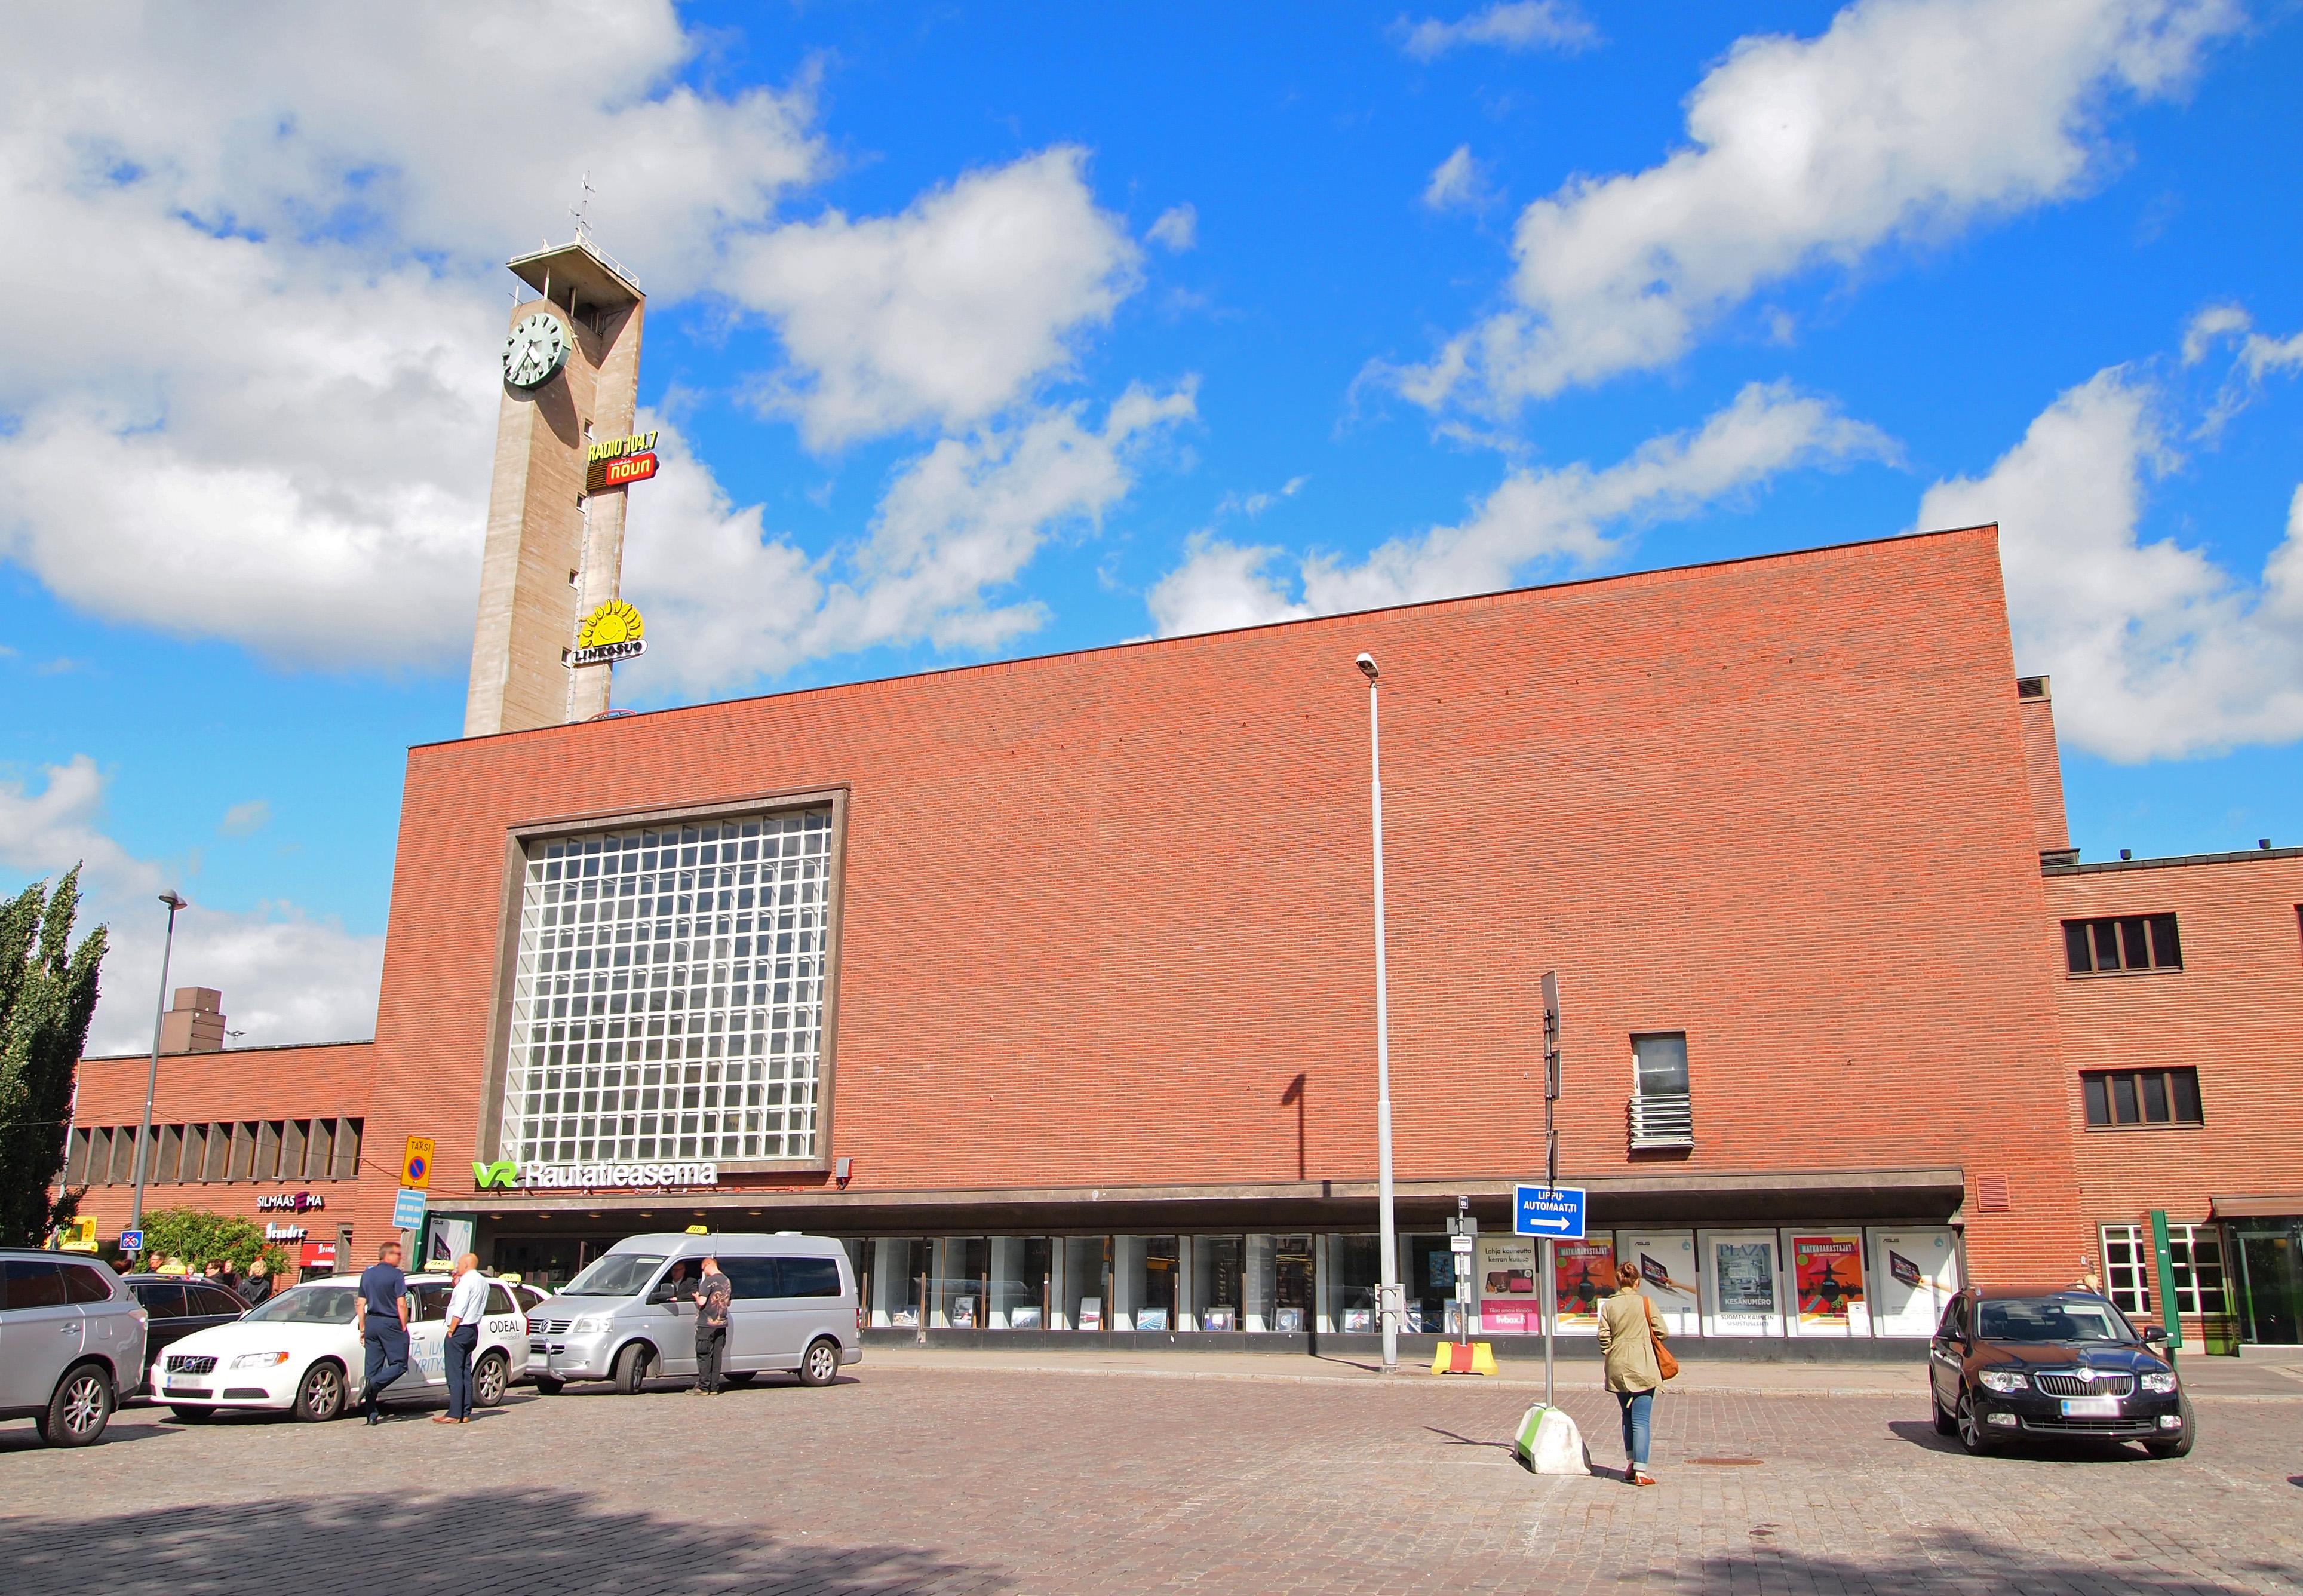 Rautatieasema Tampere Pysäköinti